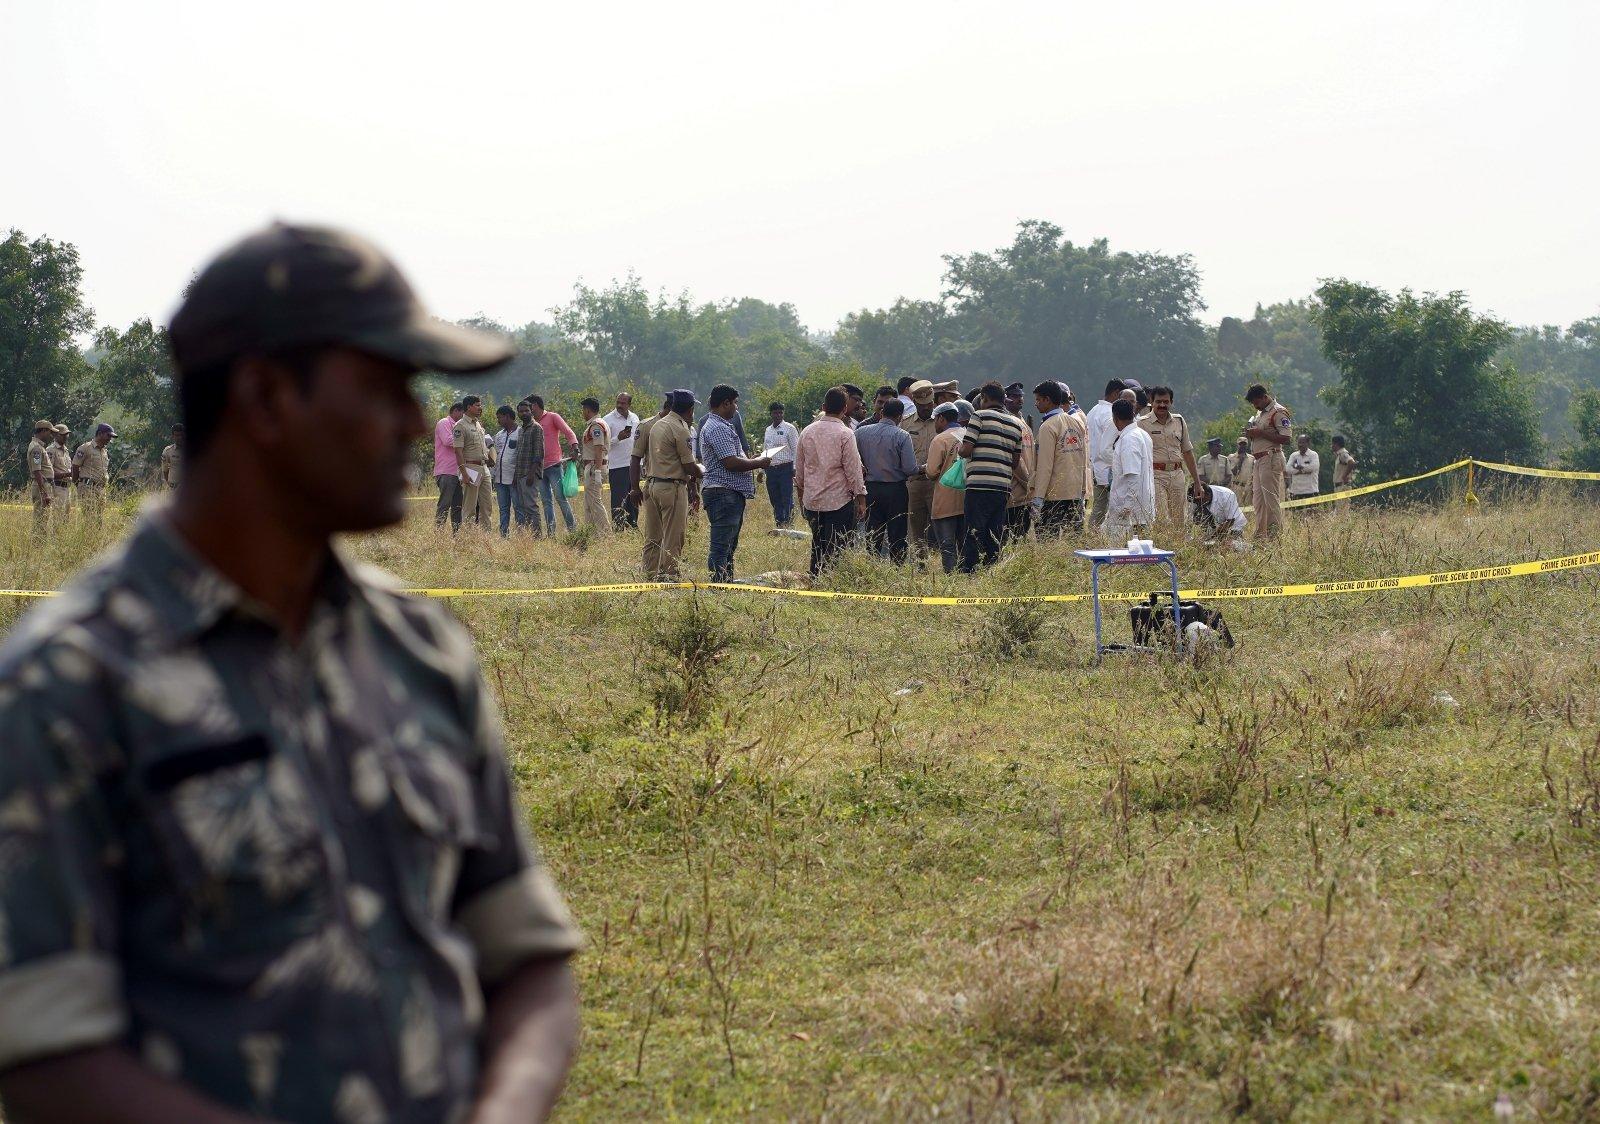 Народ требовал: Индийская полиция в ходе следственного эксперимента застрелила четырех подозреваемых в изнасиловании и убийстве молодой женщины